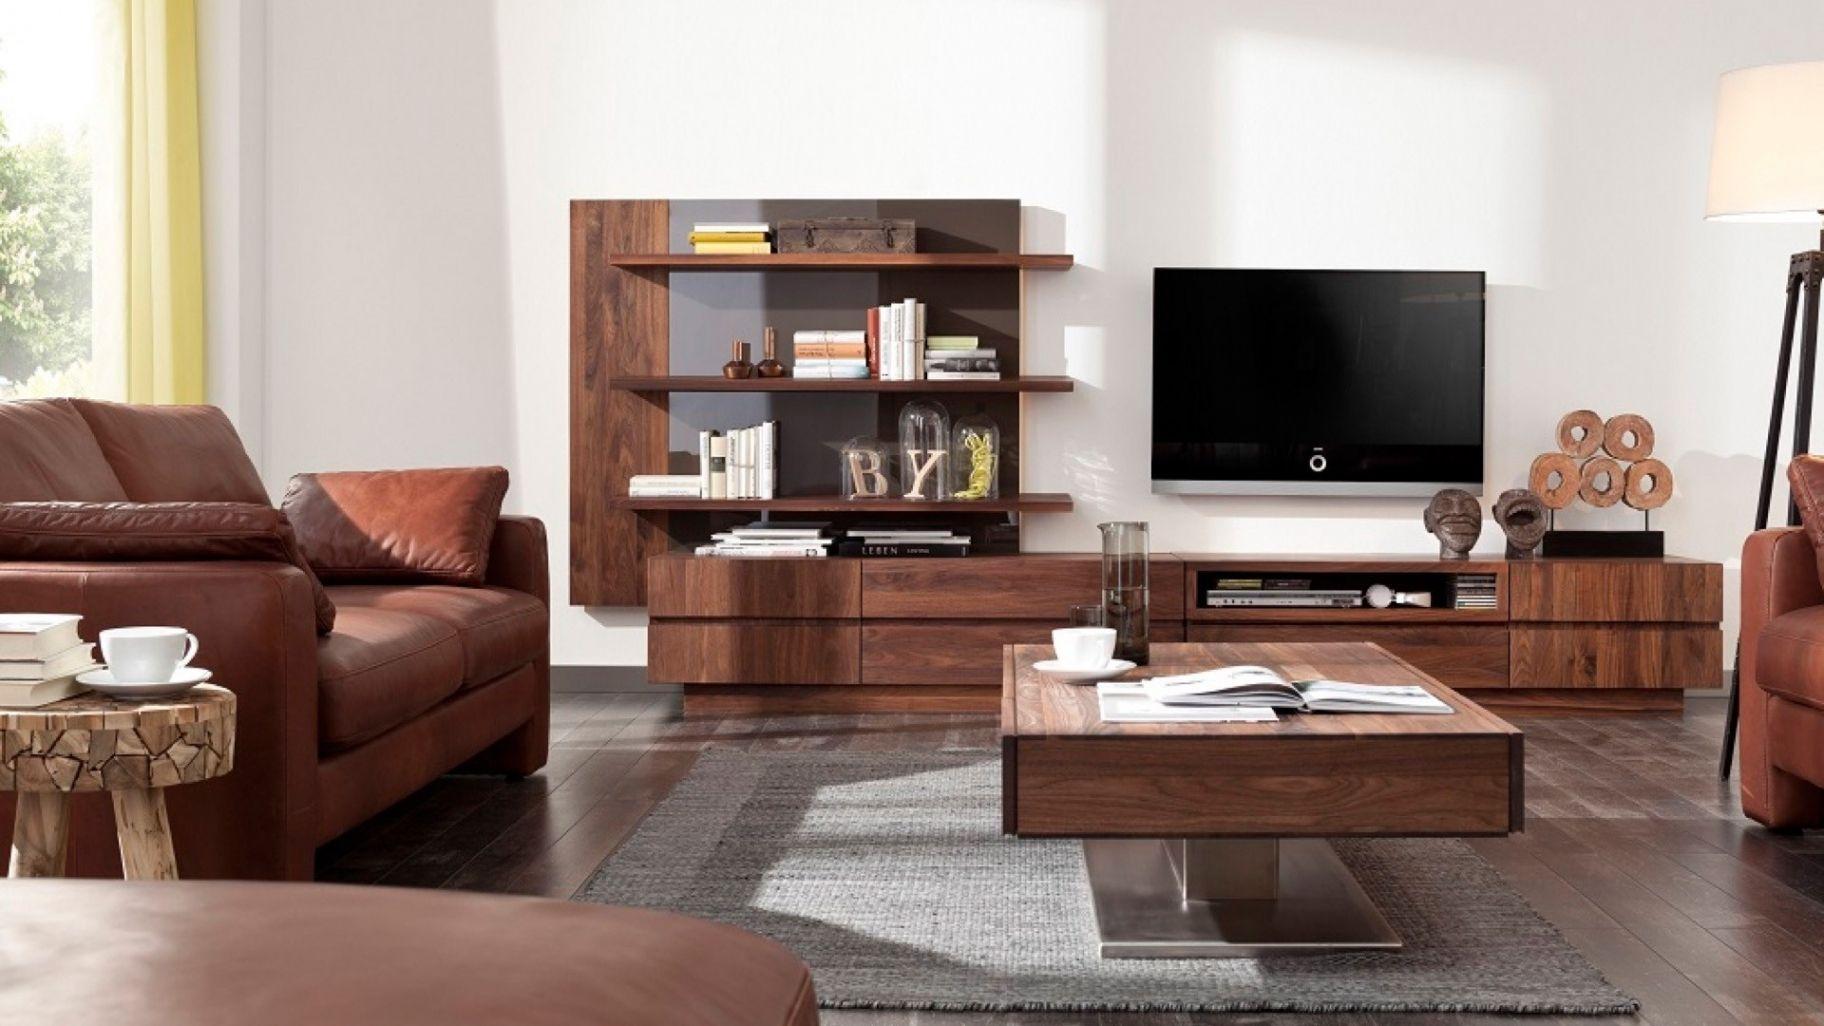 Wohnzimmermöbel Kernbuche ~ Luxus naturholzmöbel wohnzimmer wohnzimmermöbel